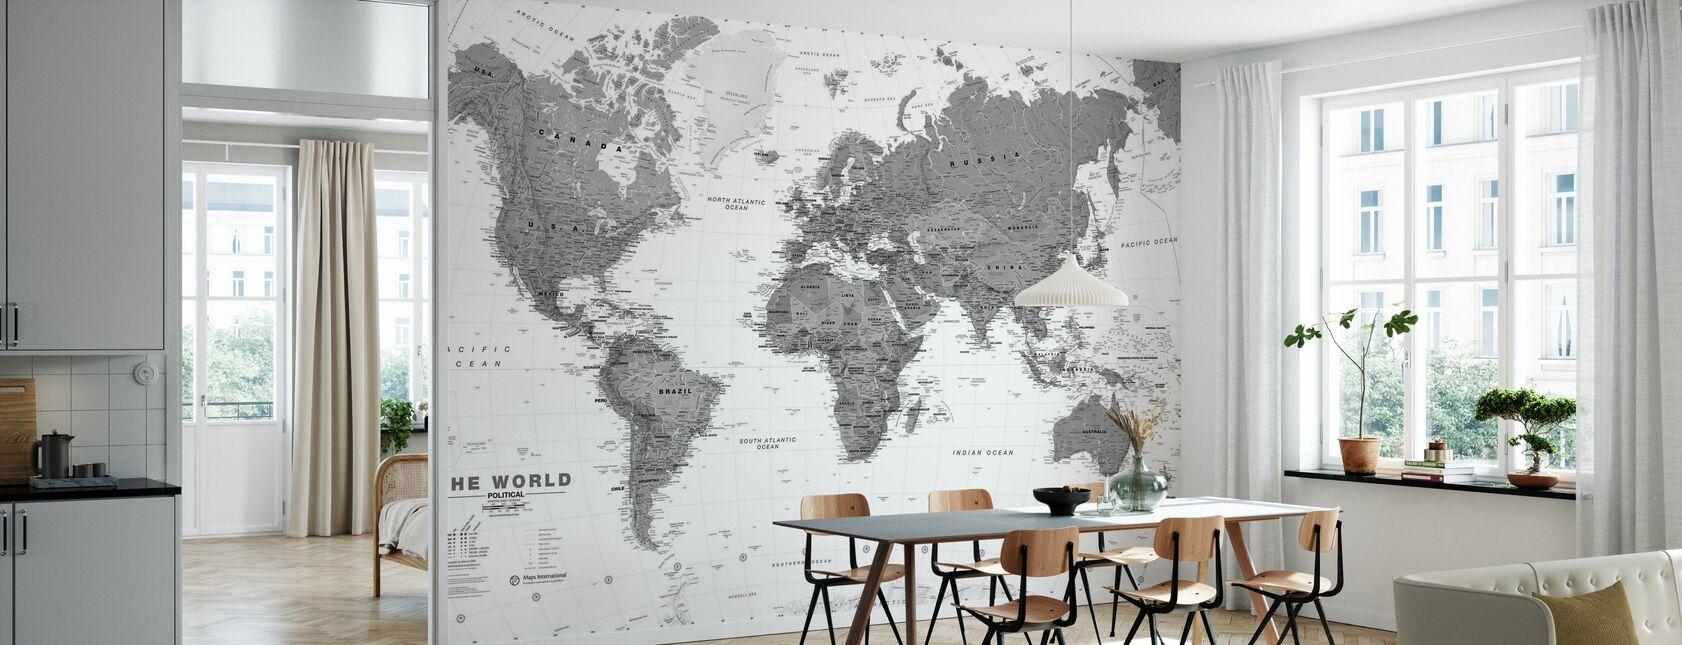 Världskarta Bw - Tapet - Kök